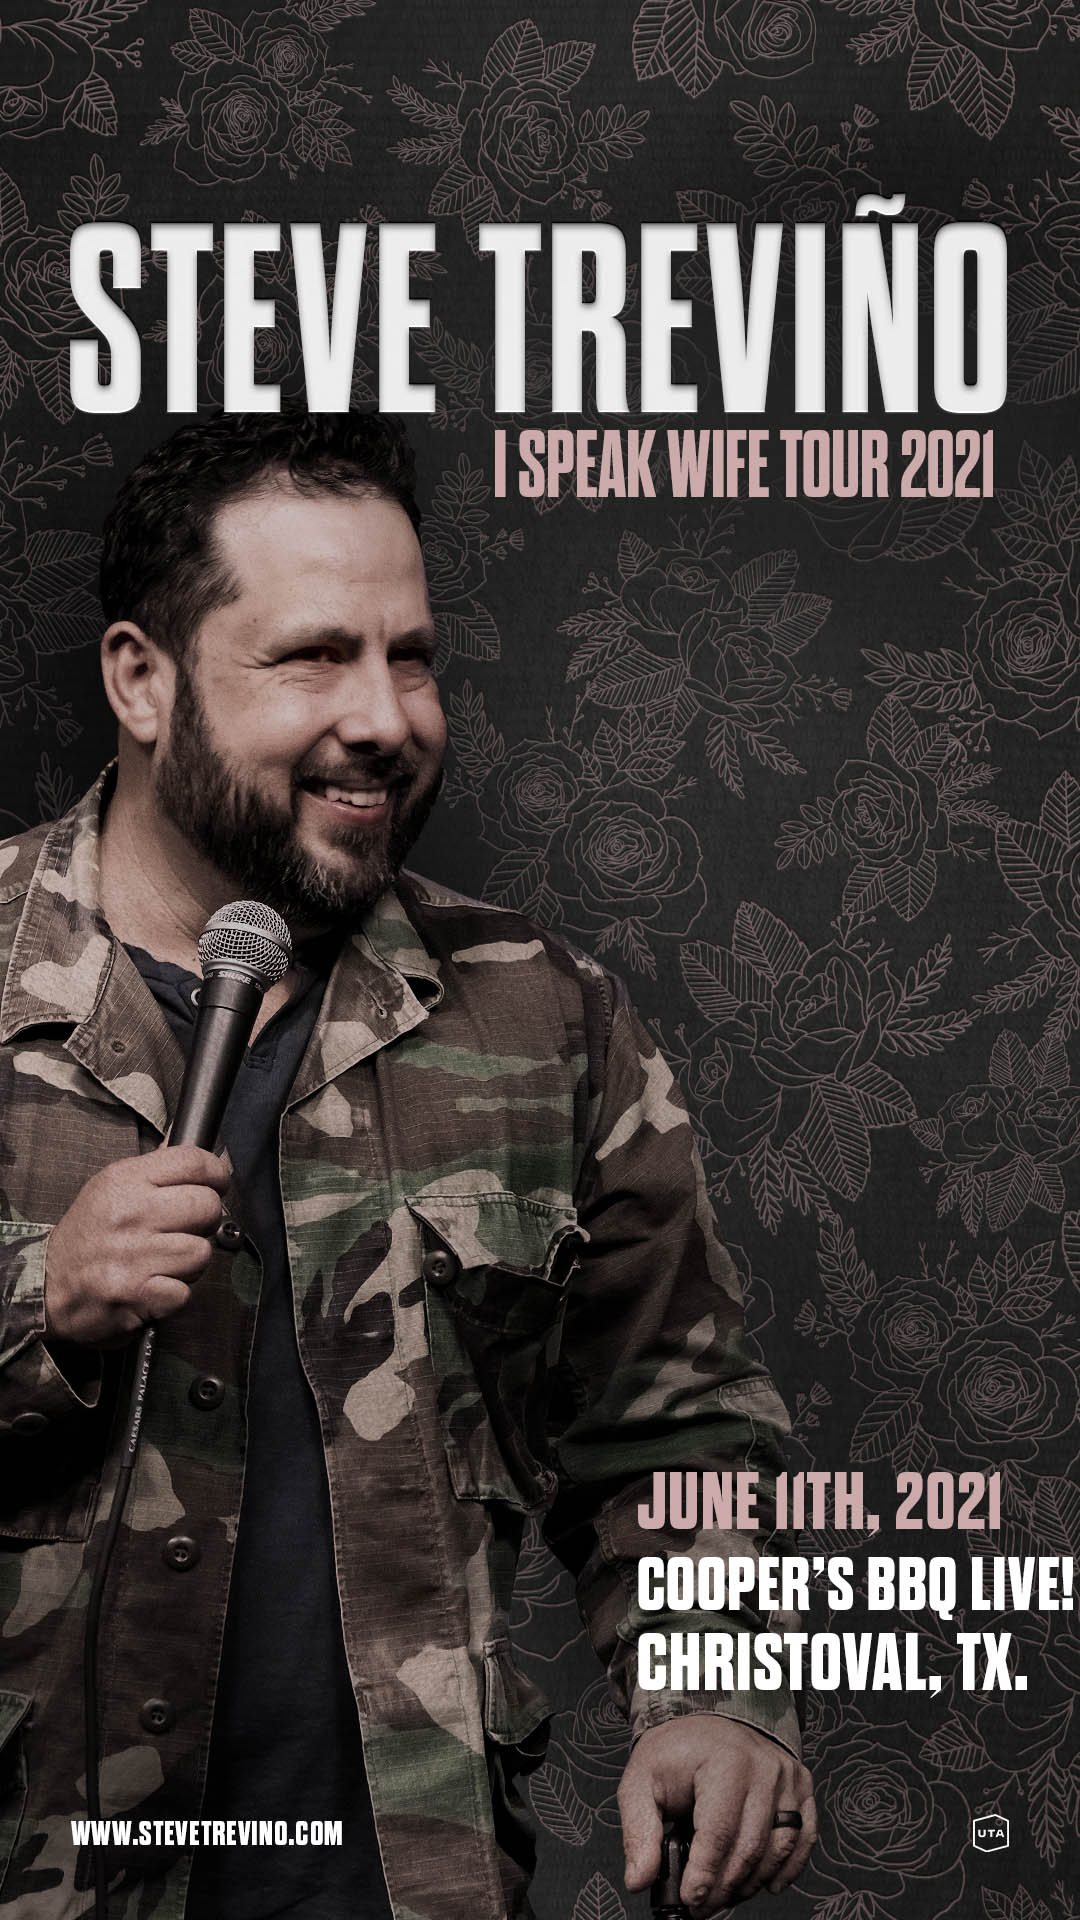 Image for Steve Treviño - I Speak Wife Tour 2021